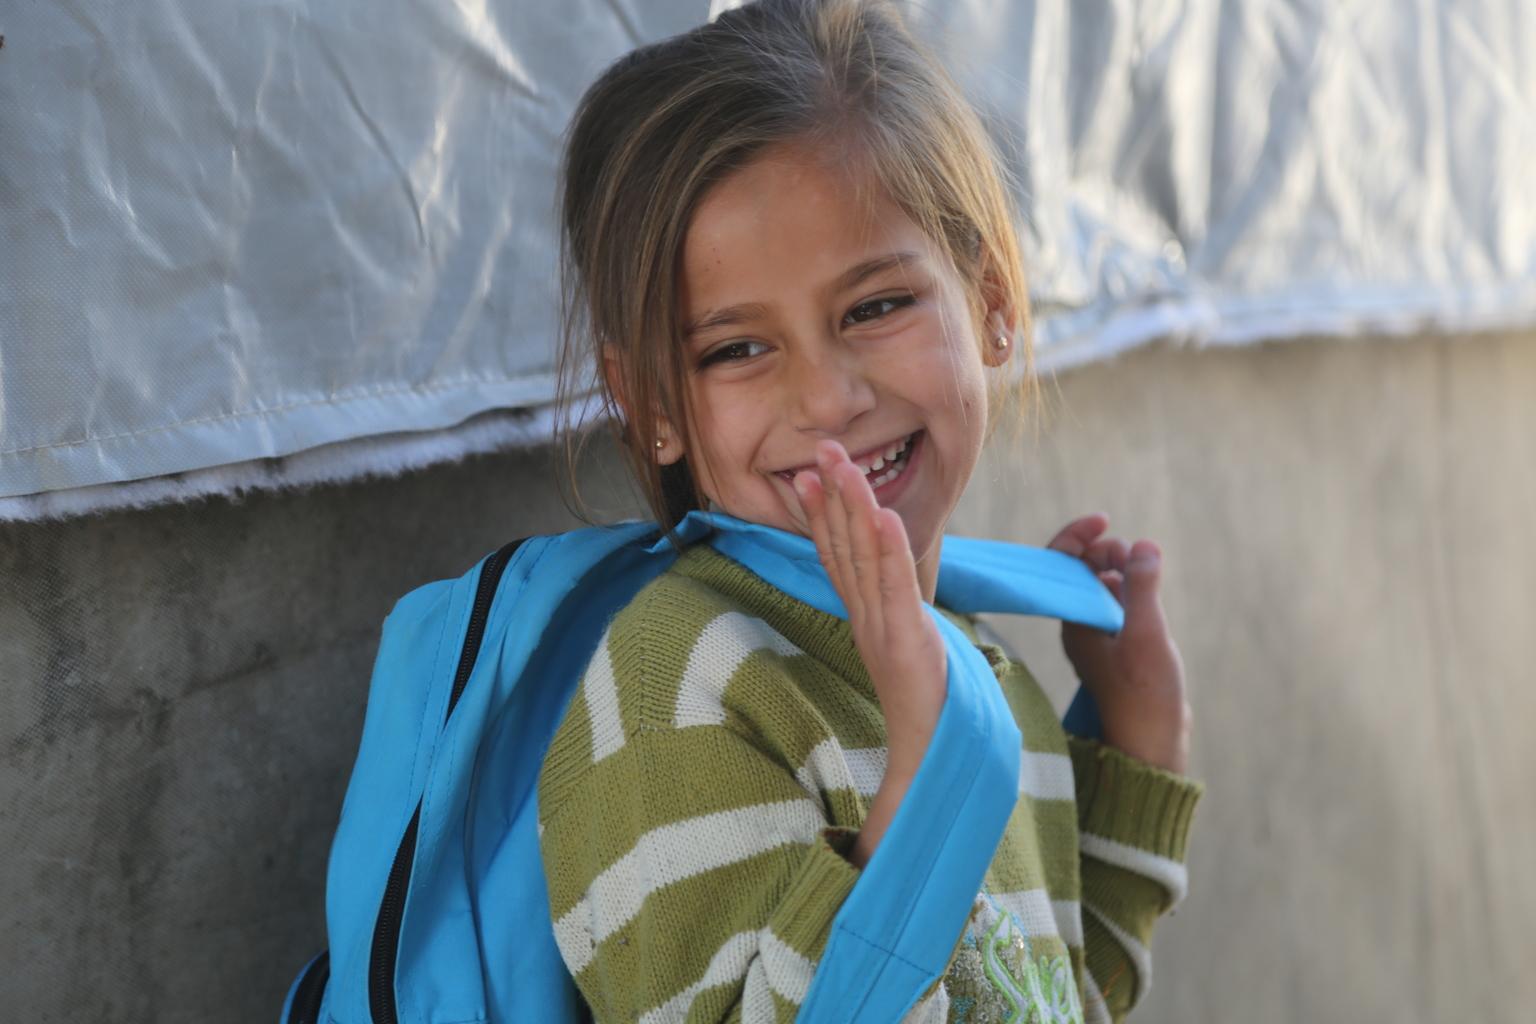 © UNICEF/UN048825/Ergen